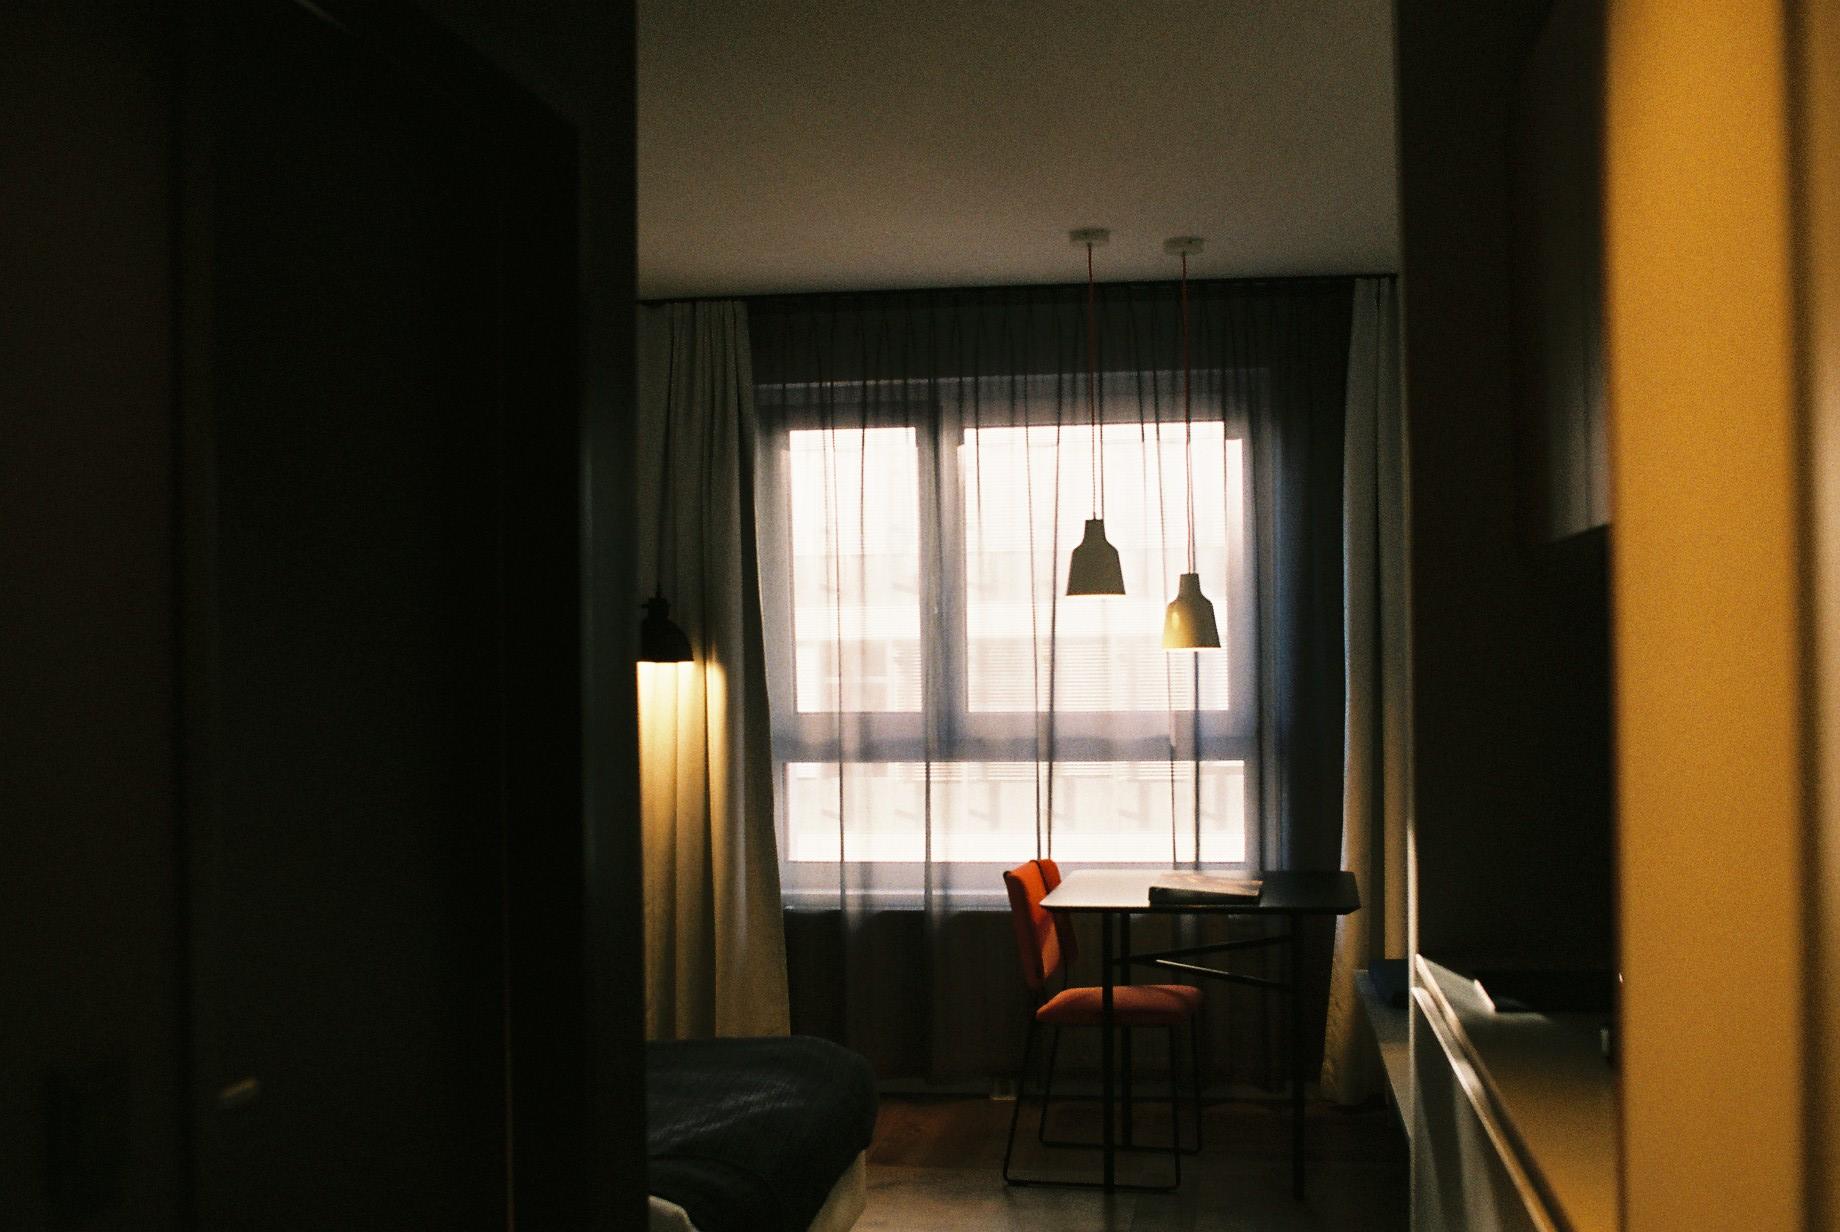 12.31_Wien_03